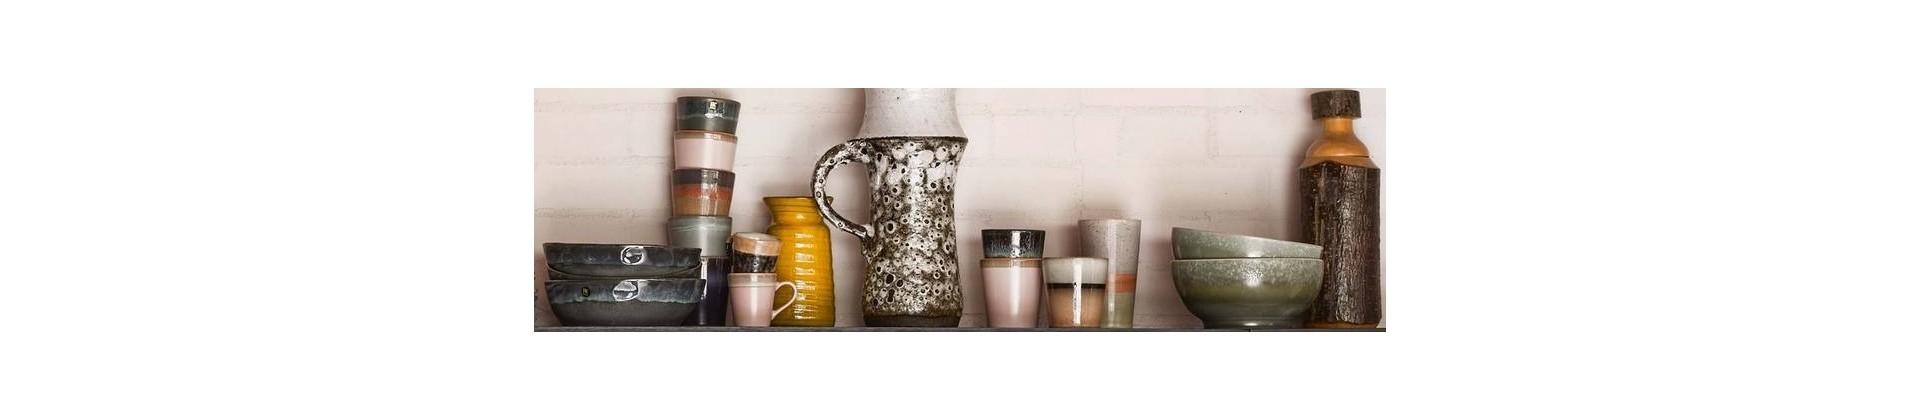 Vaisselle design : vaisselle scandinave, vaisselle vintage & tendance